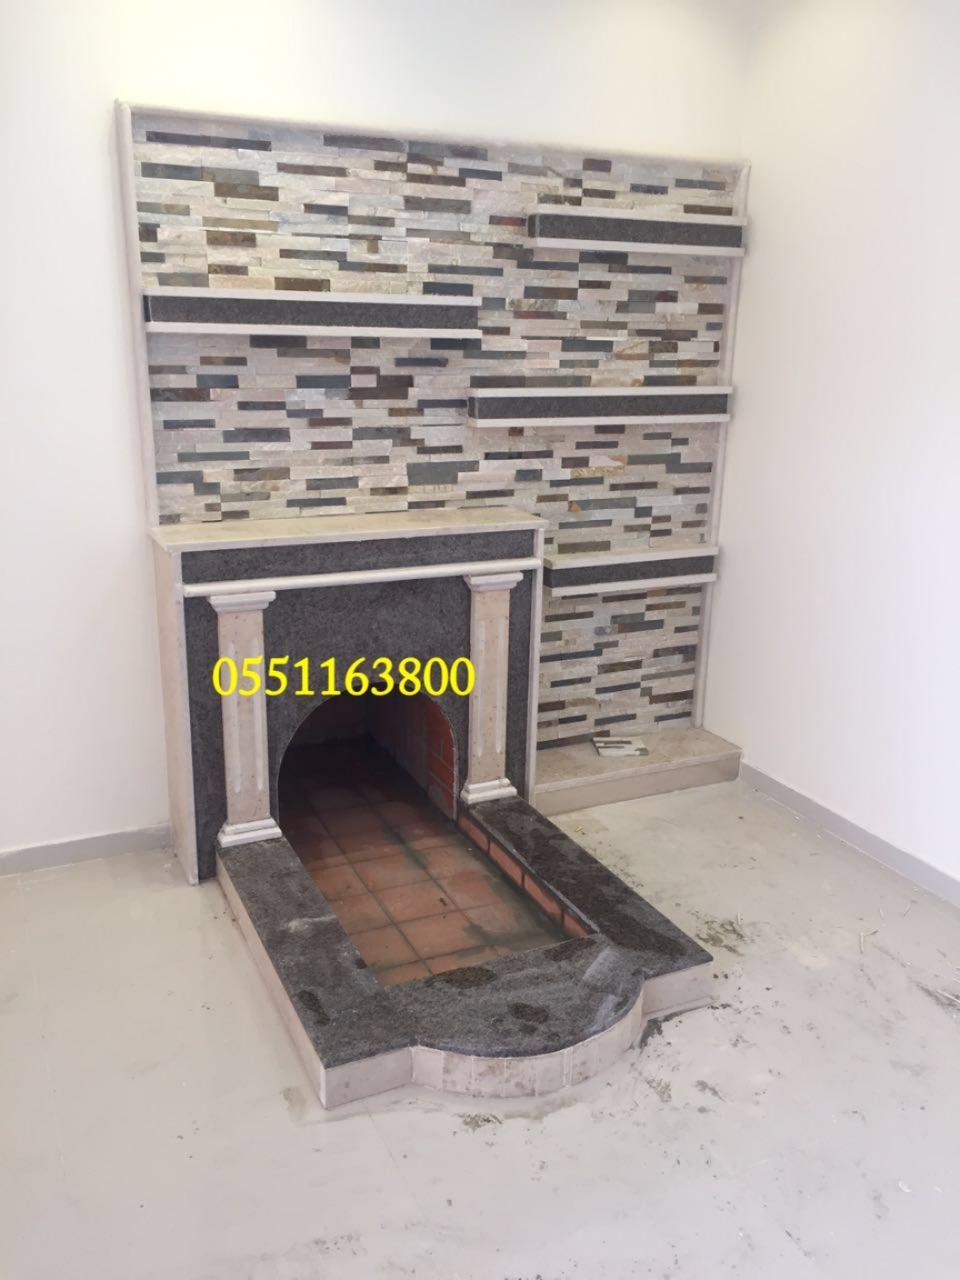 اثاث مشبات ملكيه In 2020 Home Decor Fireplace Home